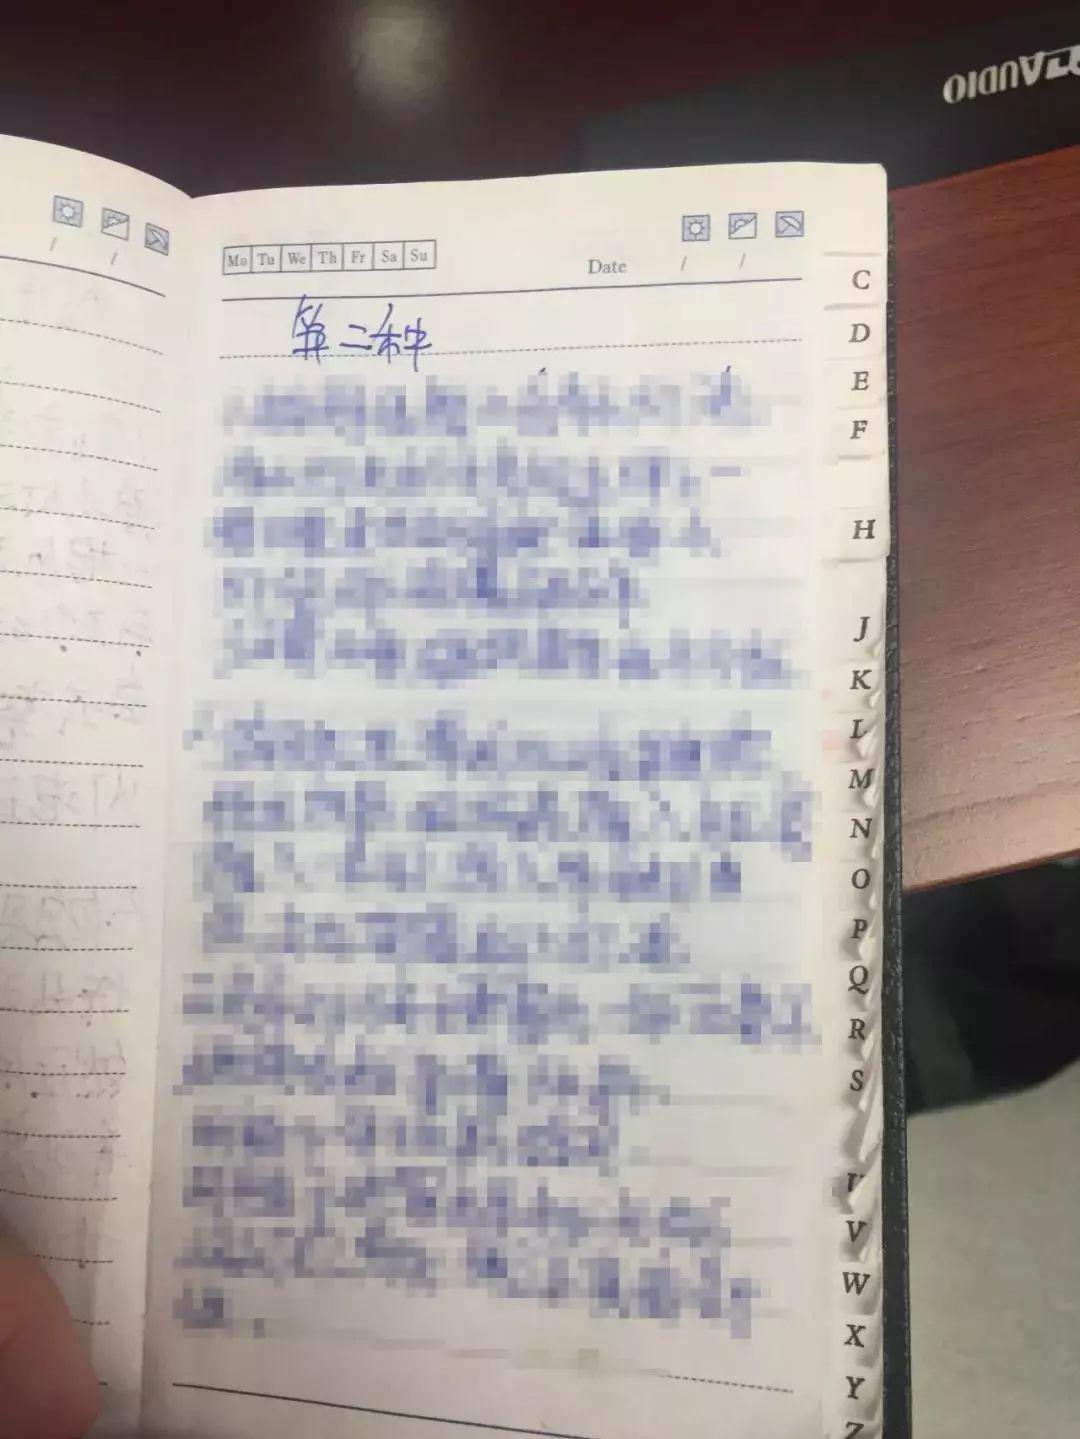 女子自制炸弹想抢银行100万 详细步骤写了32页纸